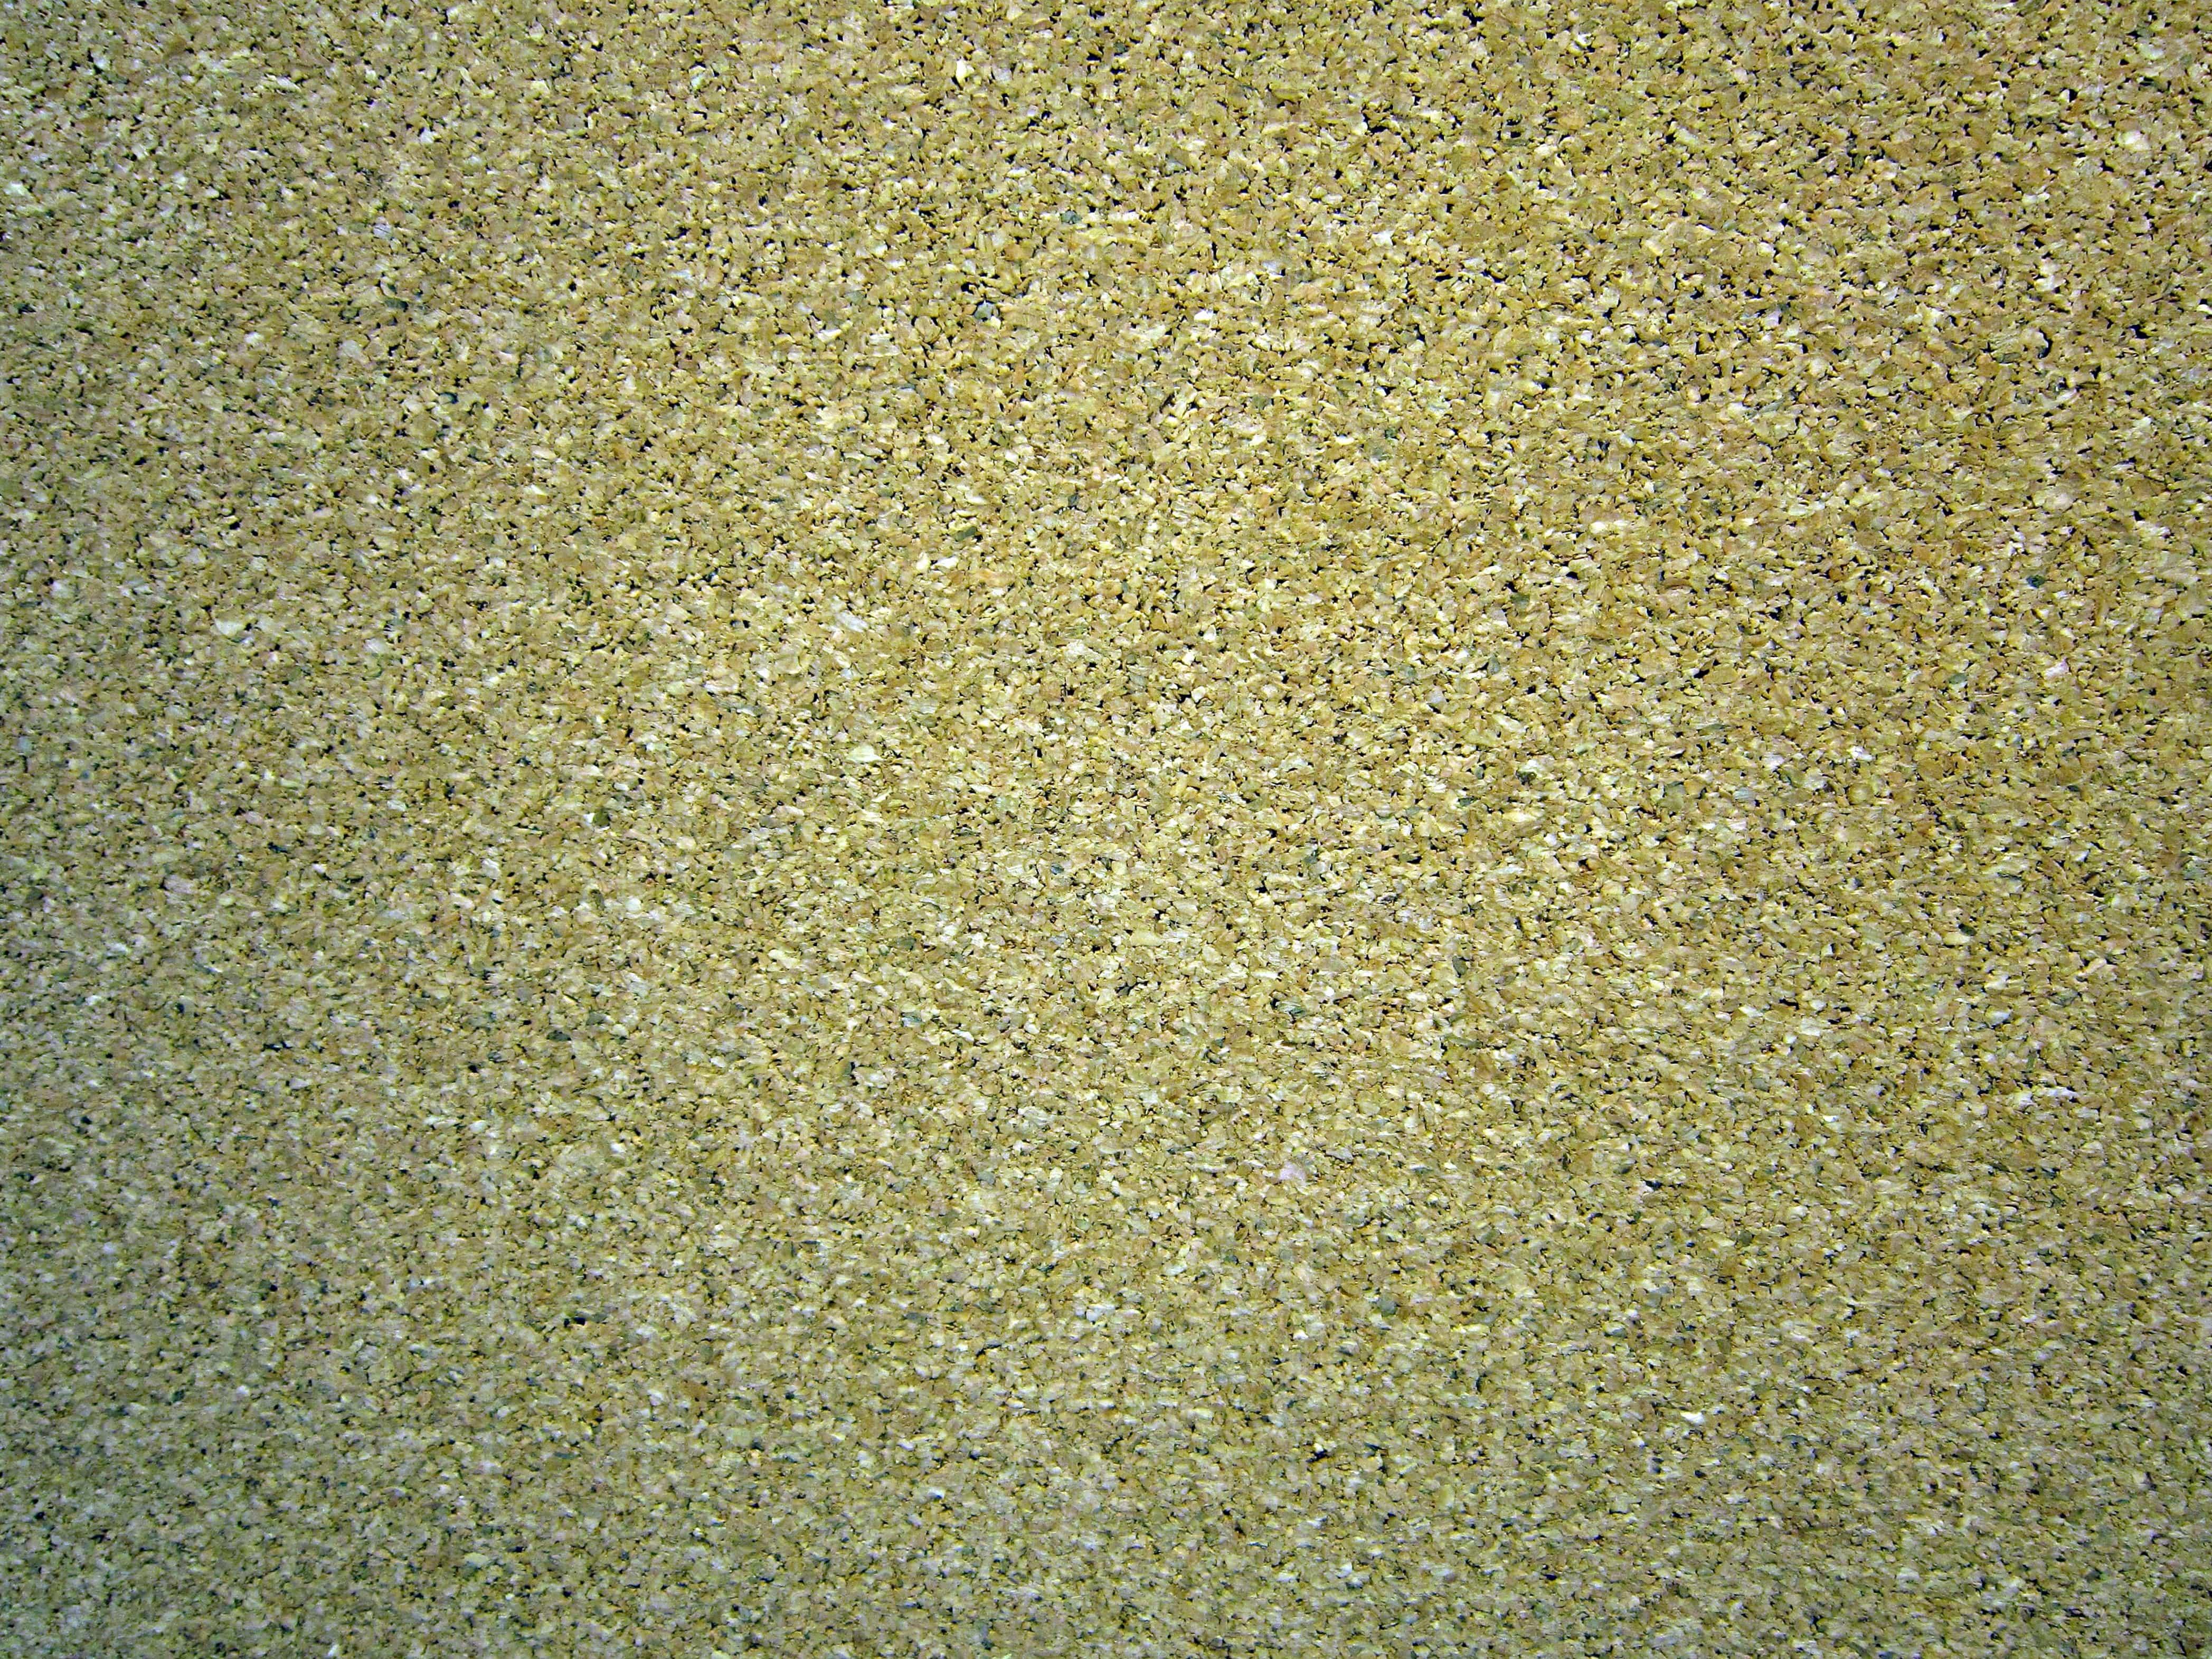 Kostenlose Bild: Design, Stein, Textur, Sand, Muster, abstrakte ...